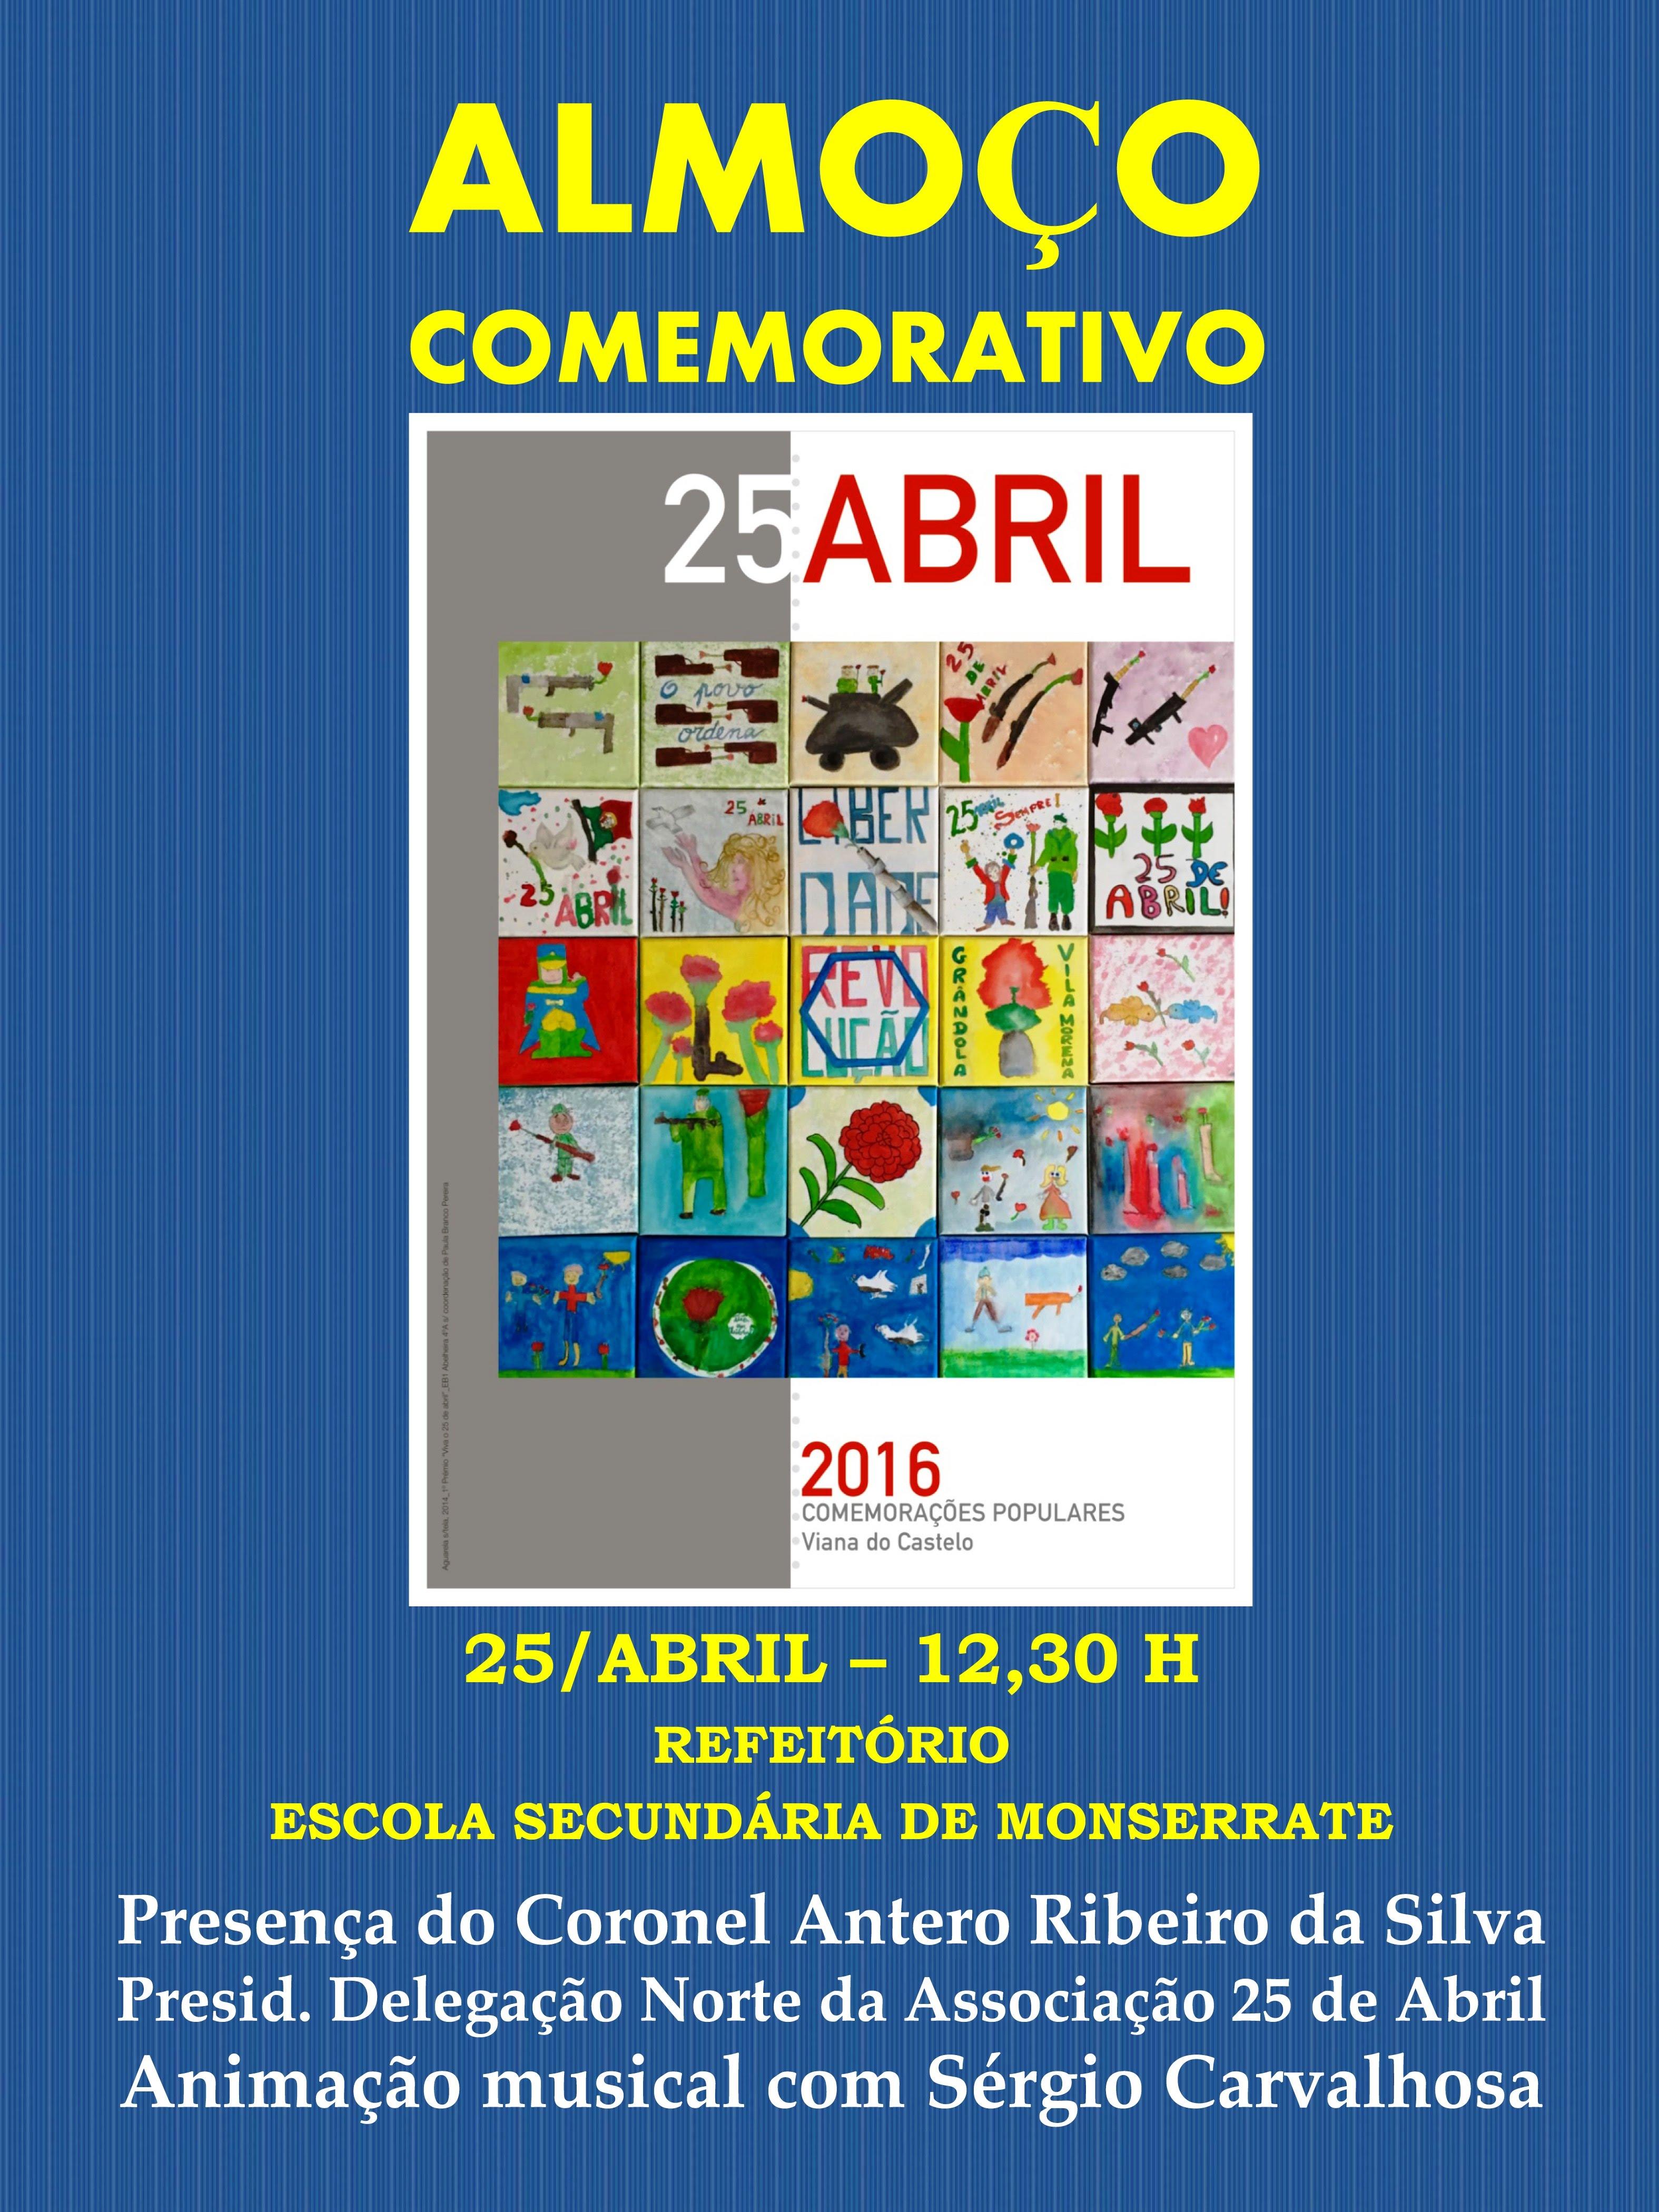 https://sites.google.com/a/centroculturaldoaltominho.org/ccam/actividades-realizadas/2016/realizacoes-actividades/_draft_post/Almoco_Comemorativo.jpg